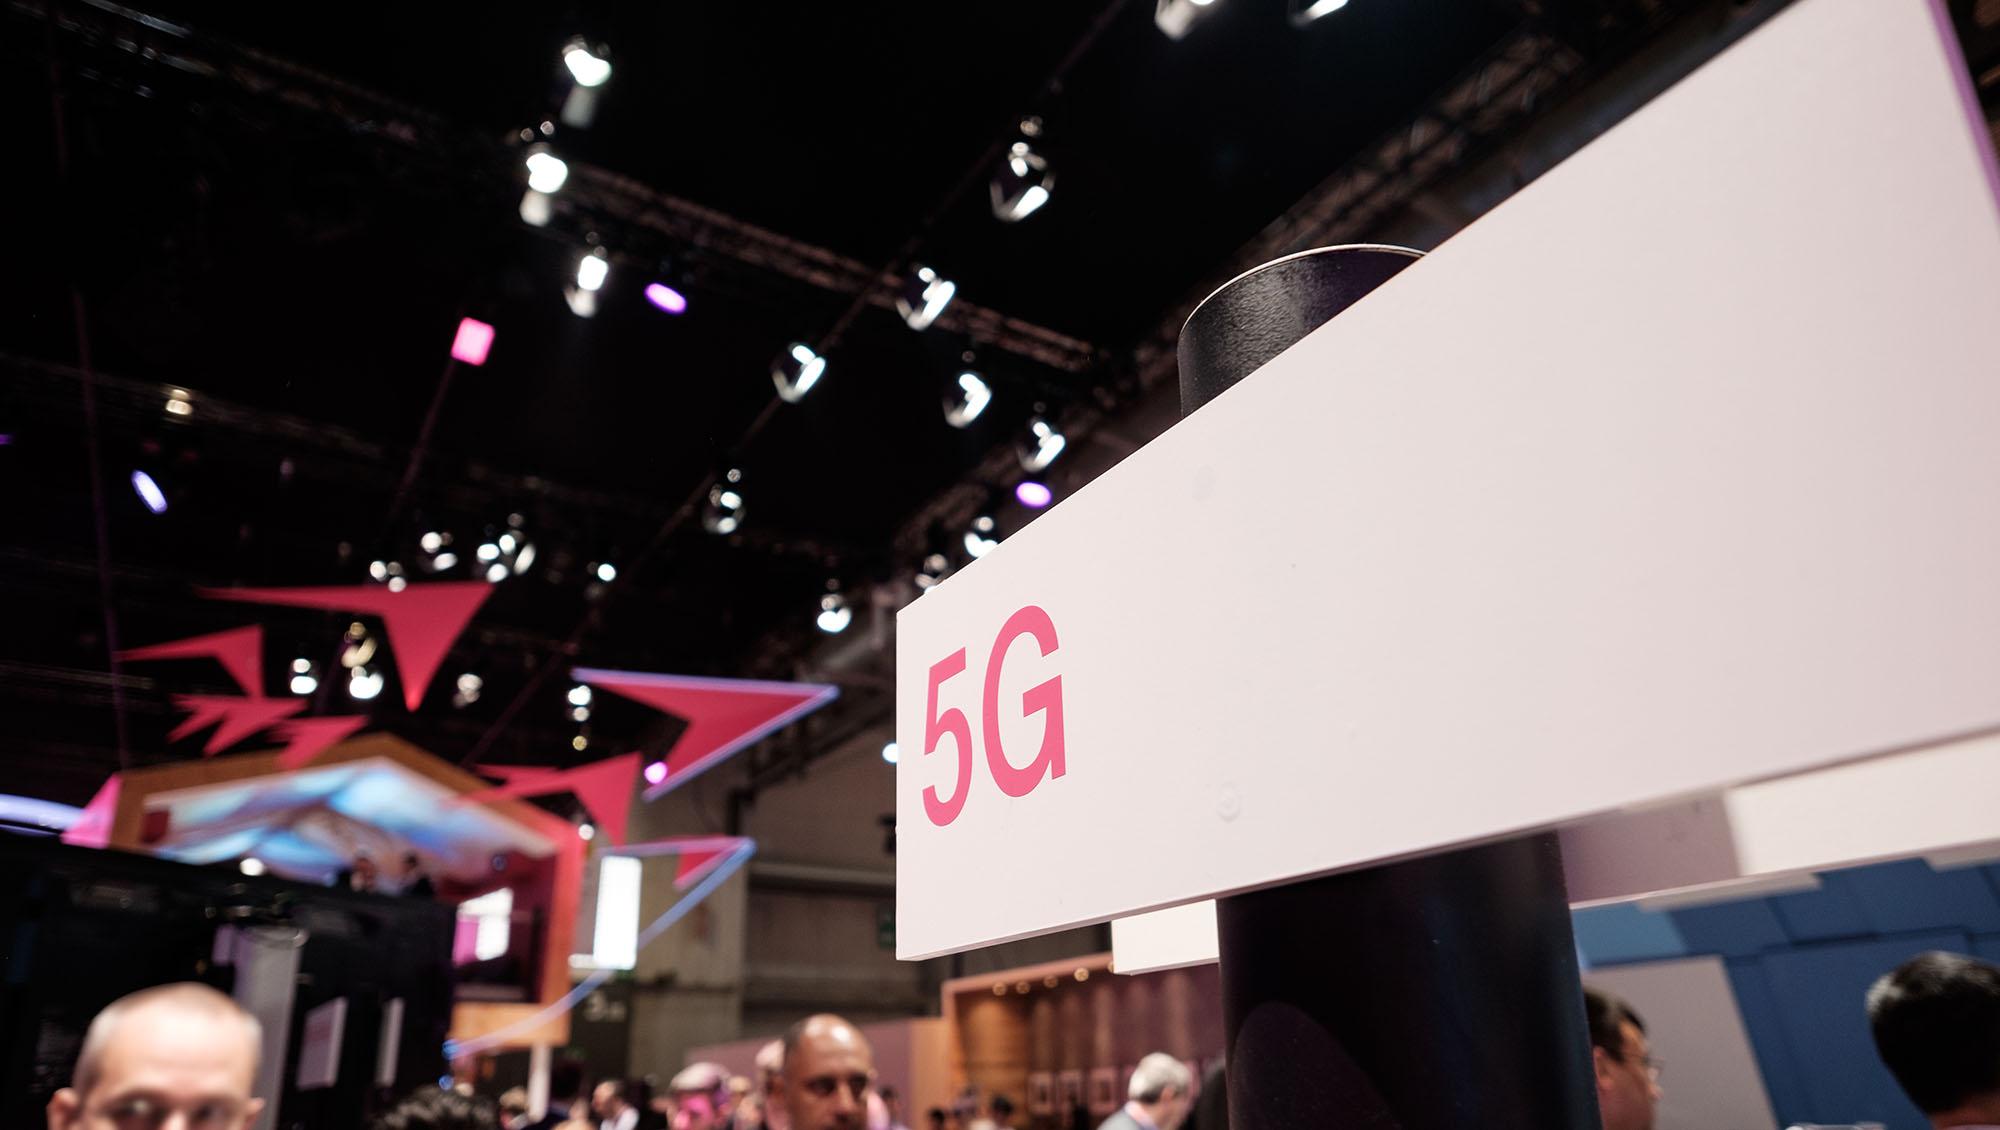 5G : SFR teste avec succès une connexion en 3,5 Ghz